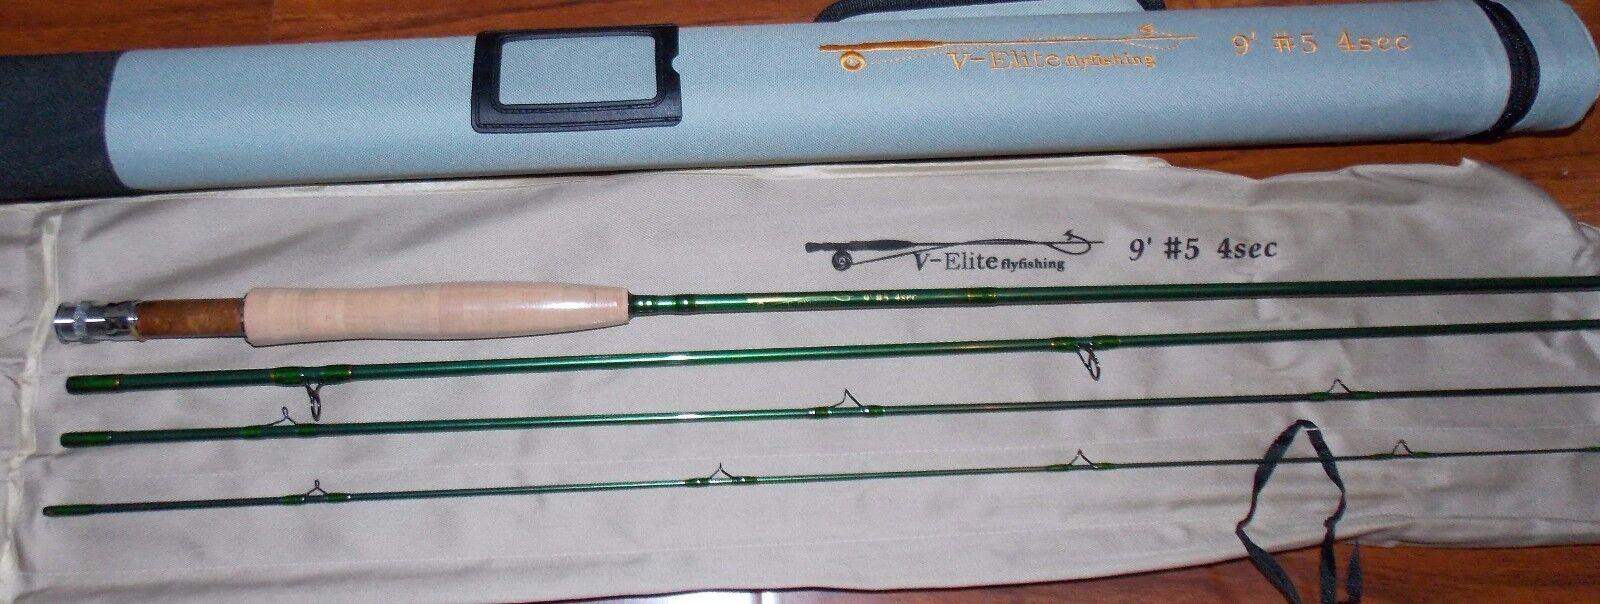 Caña con mosca 5WT 9FT Grafito IM12 Pesca con Mosca Rod & Cordura Tubo de envío gratuito de 3 días